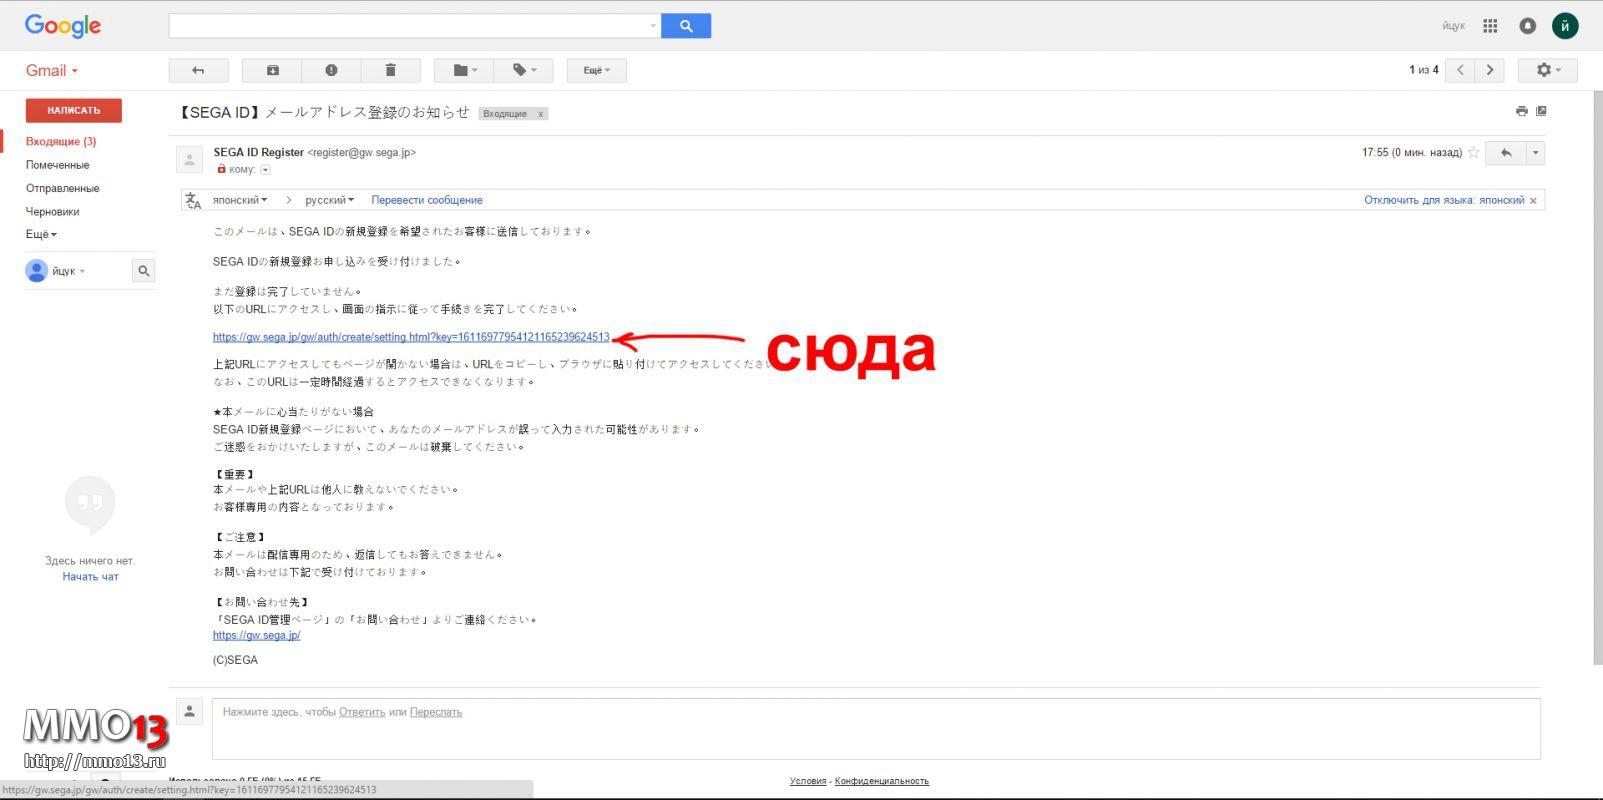 Гайд «Как начать играть в Closers на японском сервере» 7243